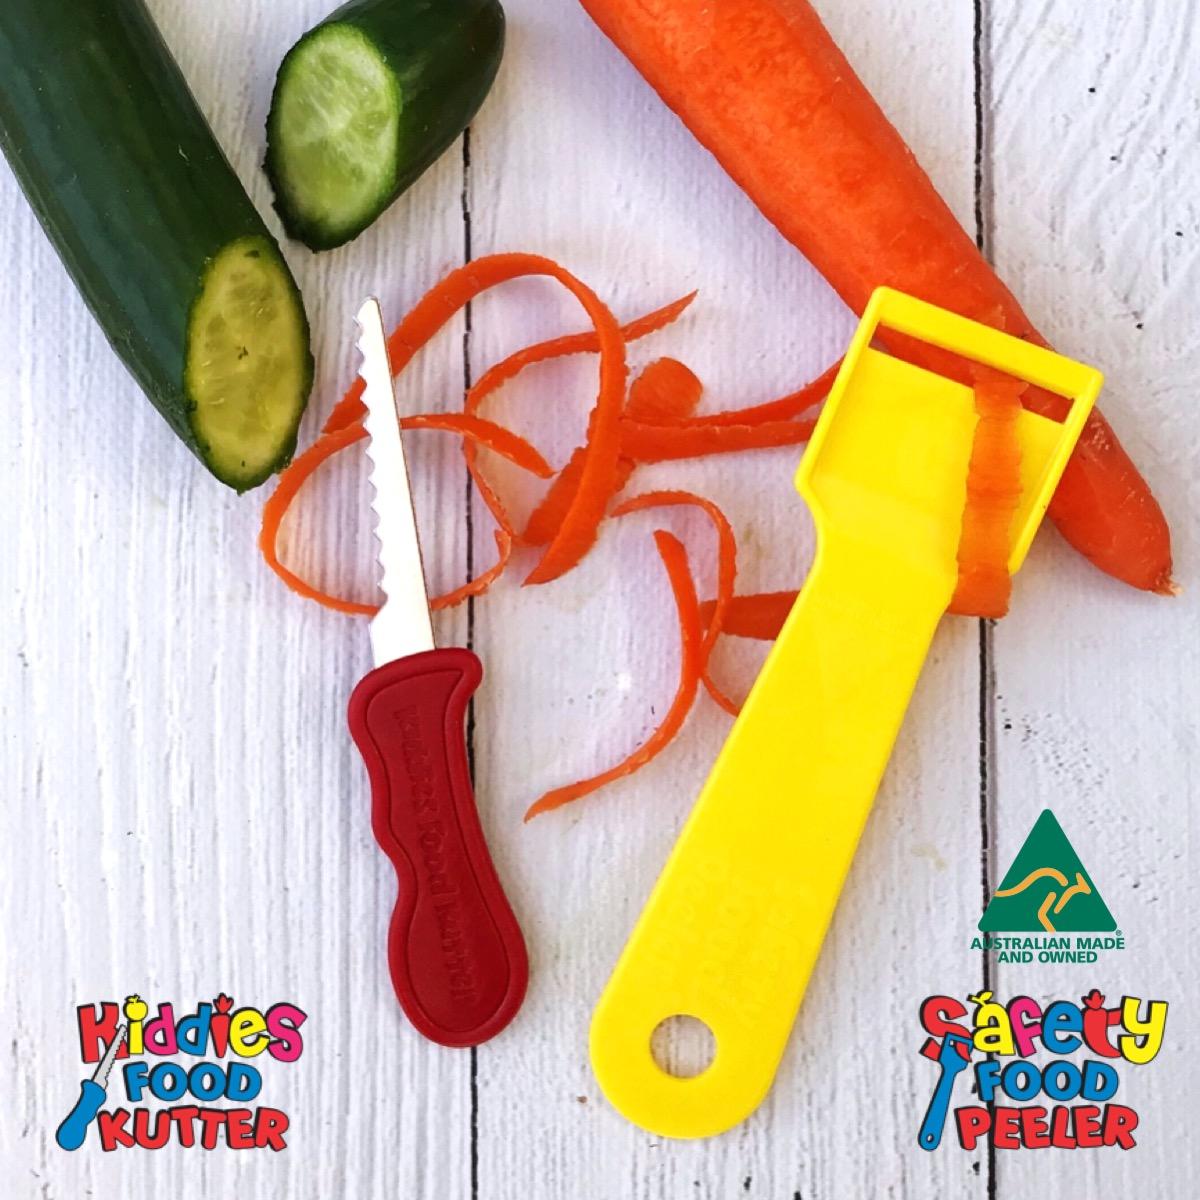 kiddies-food-kutter-safety-food-peeler-twin-pack-3